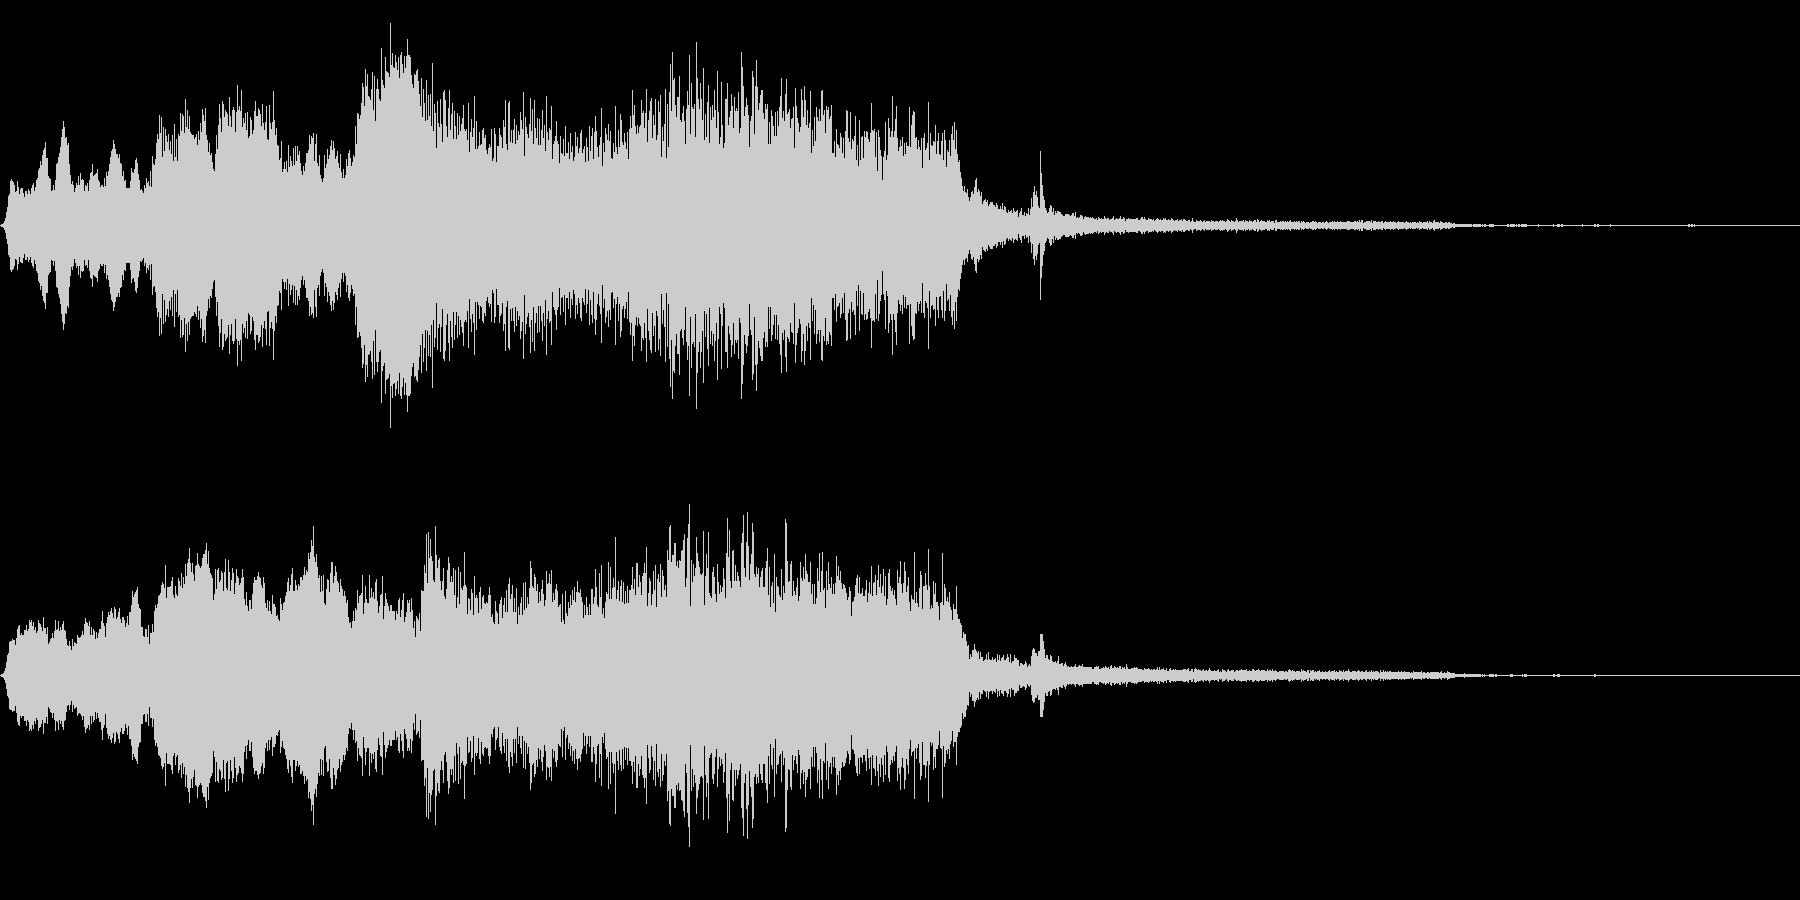 木管楽器サウンドロゴ・ジングル 場面展開の未再生の波形